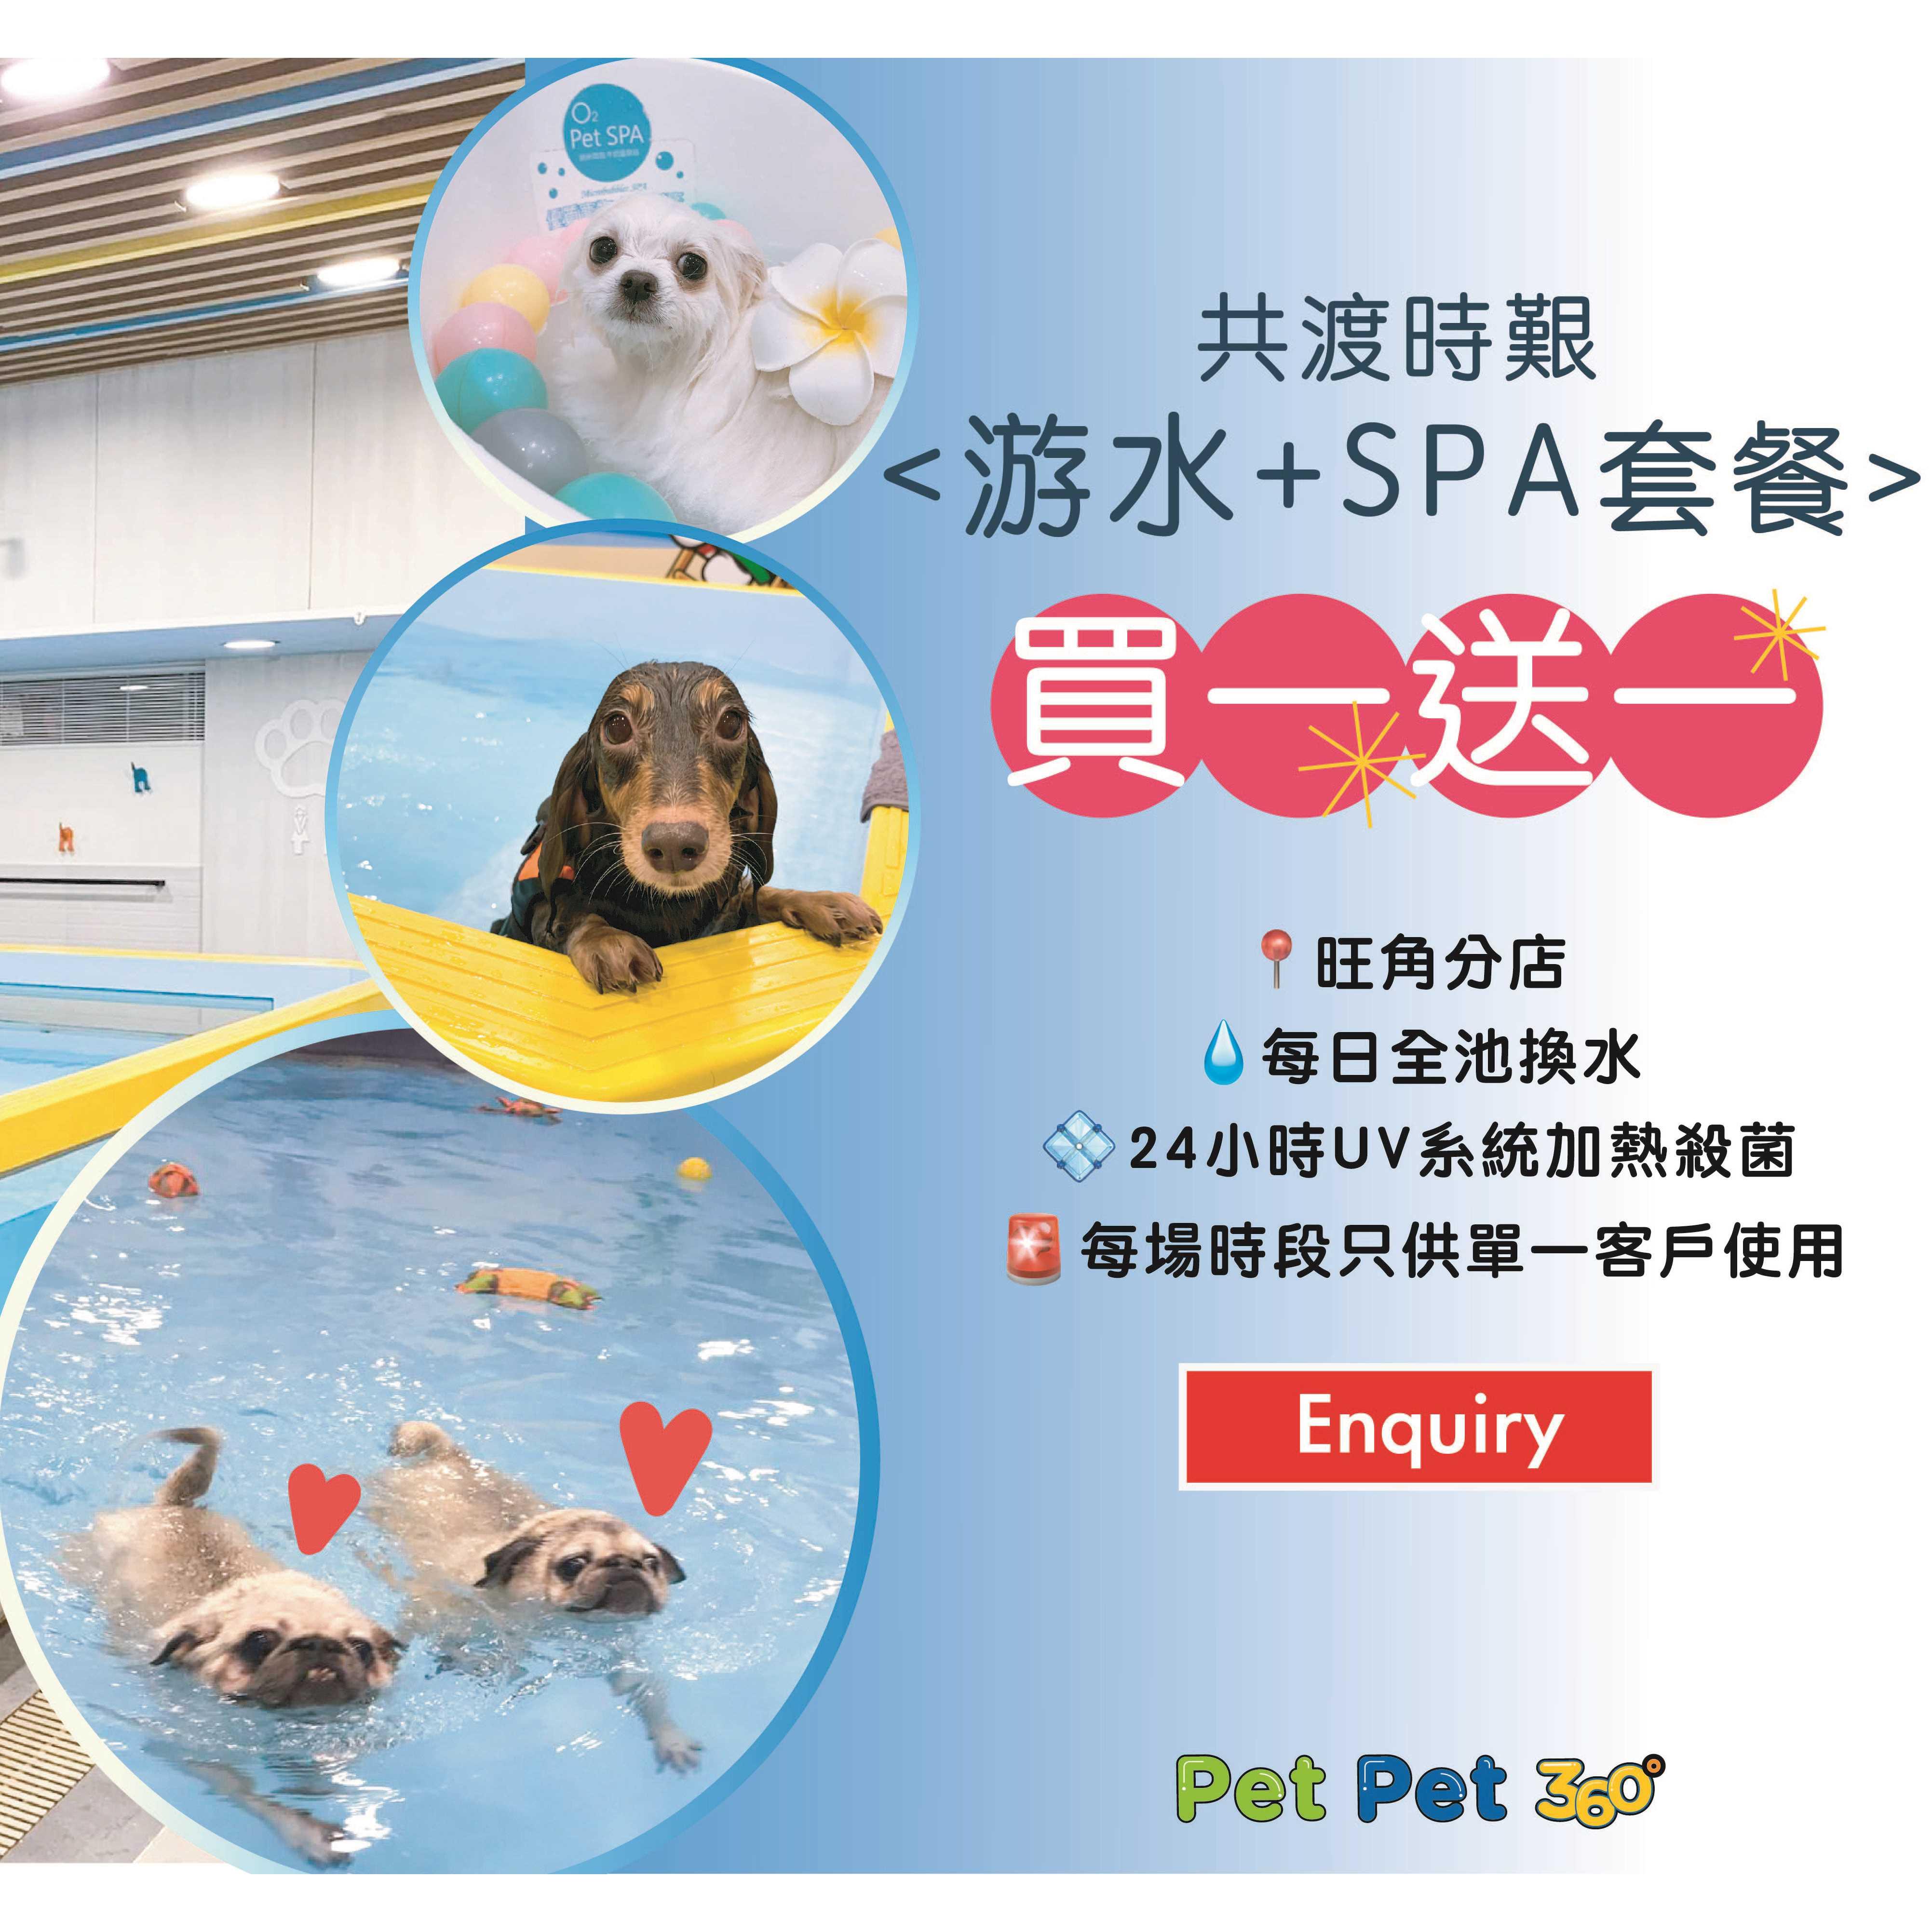 疫情告急,只求唔執笠 『買一送一』游水+ O2 Pet SPA 韓國微泡水療